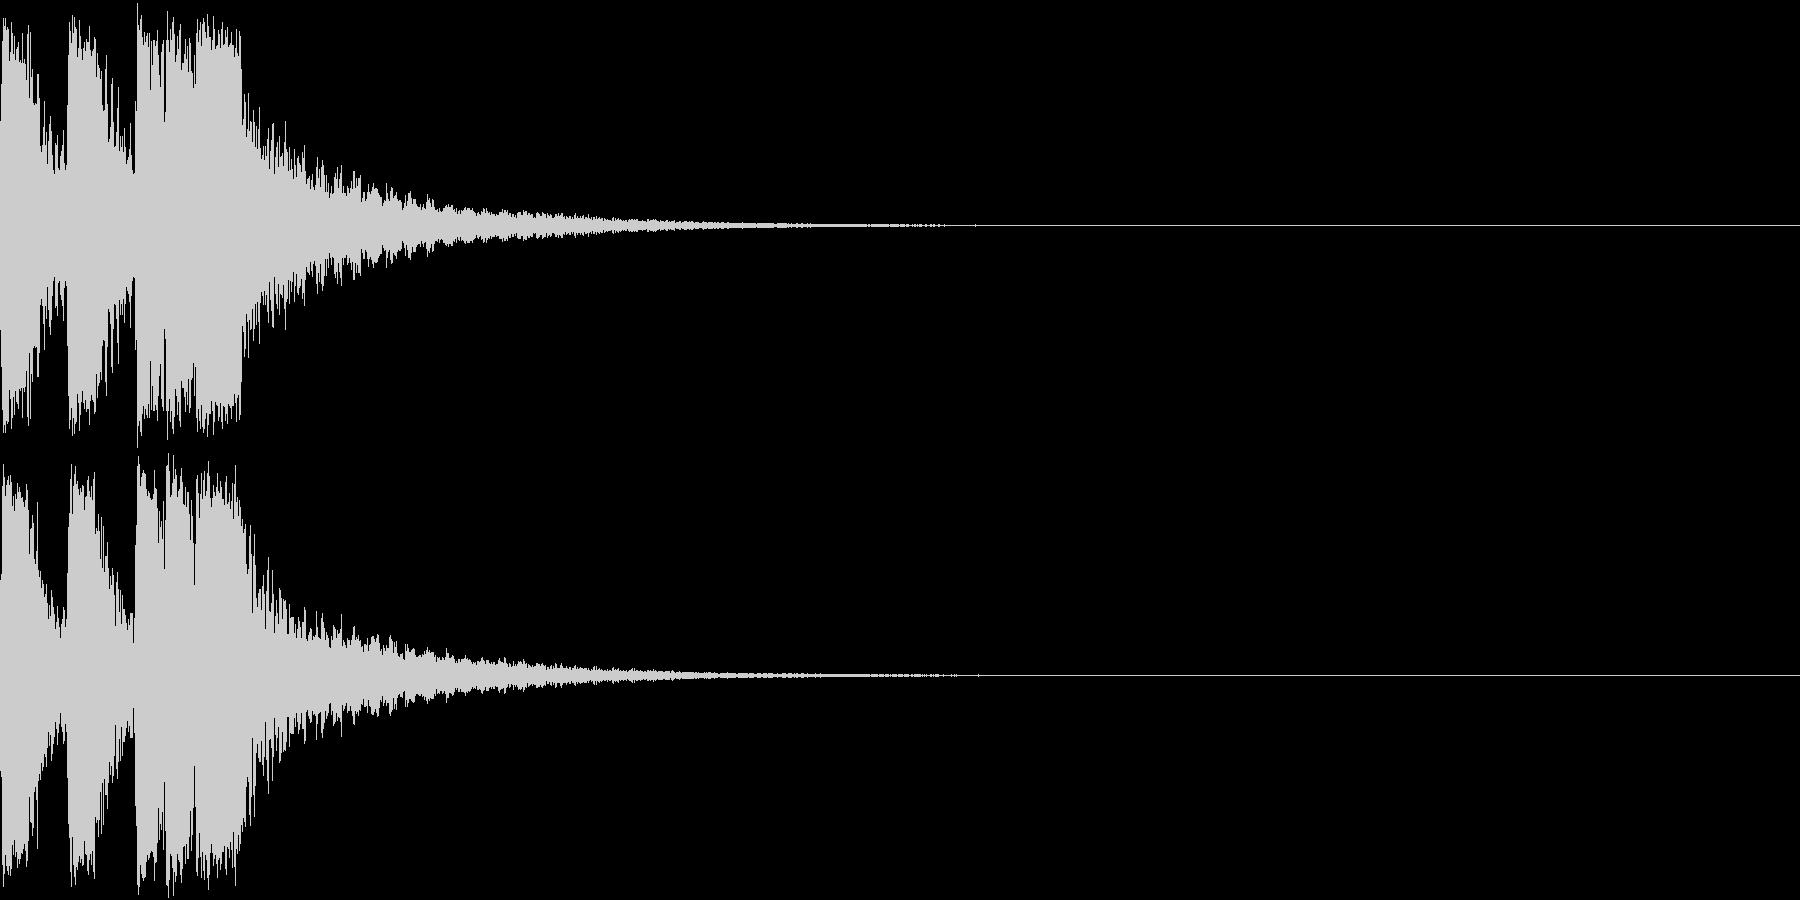 ファンファーレ 当たり 正解 合格 09の未再生の波形